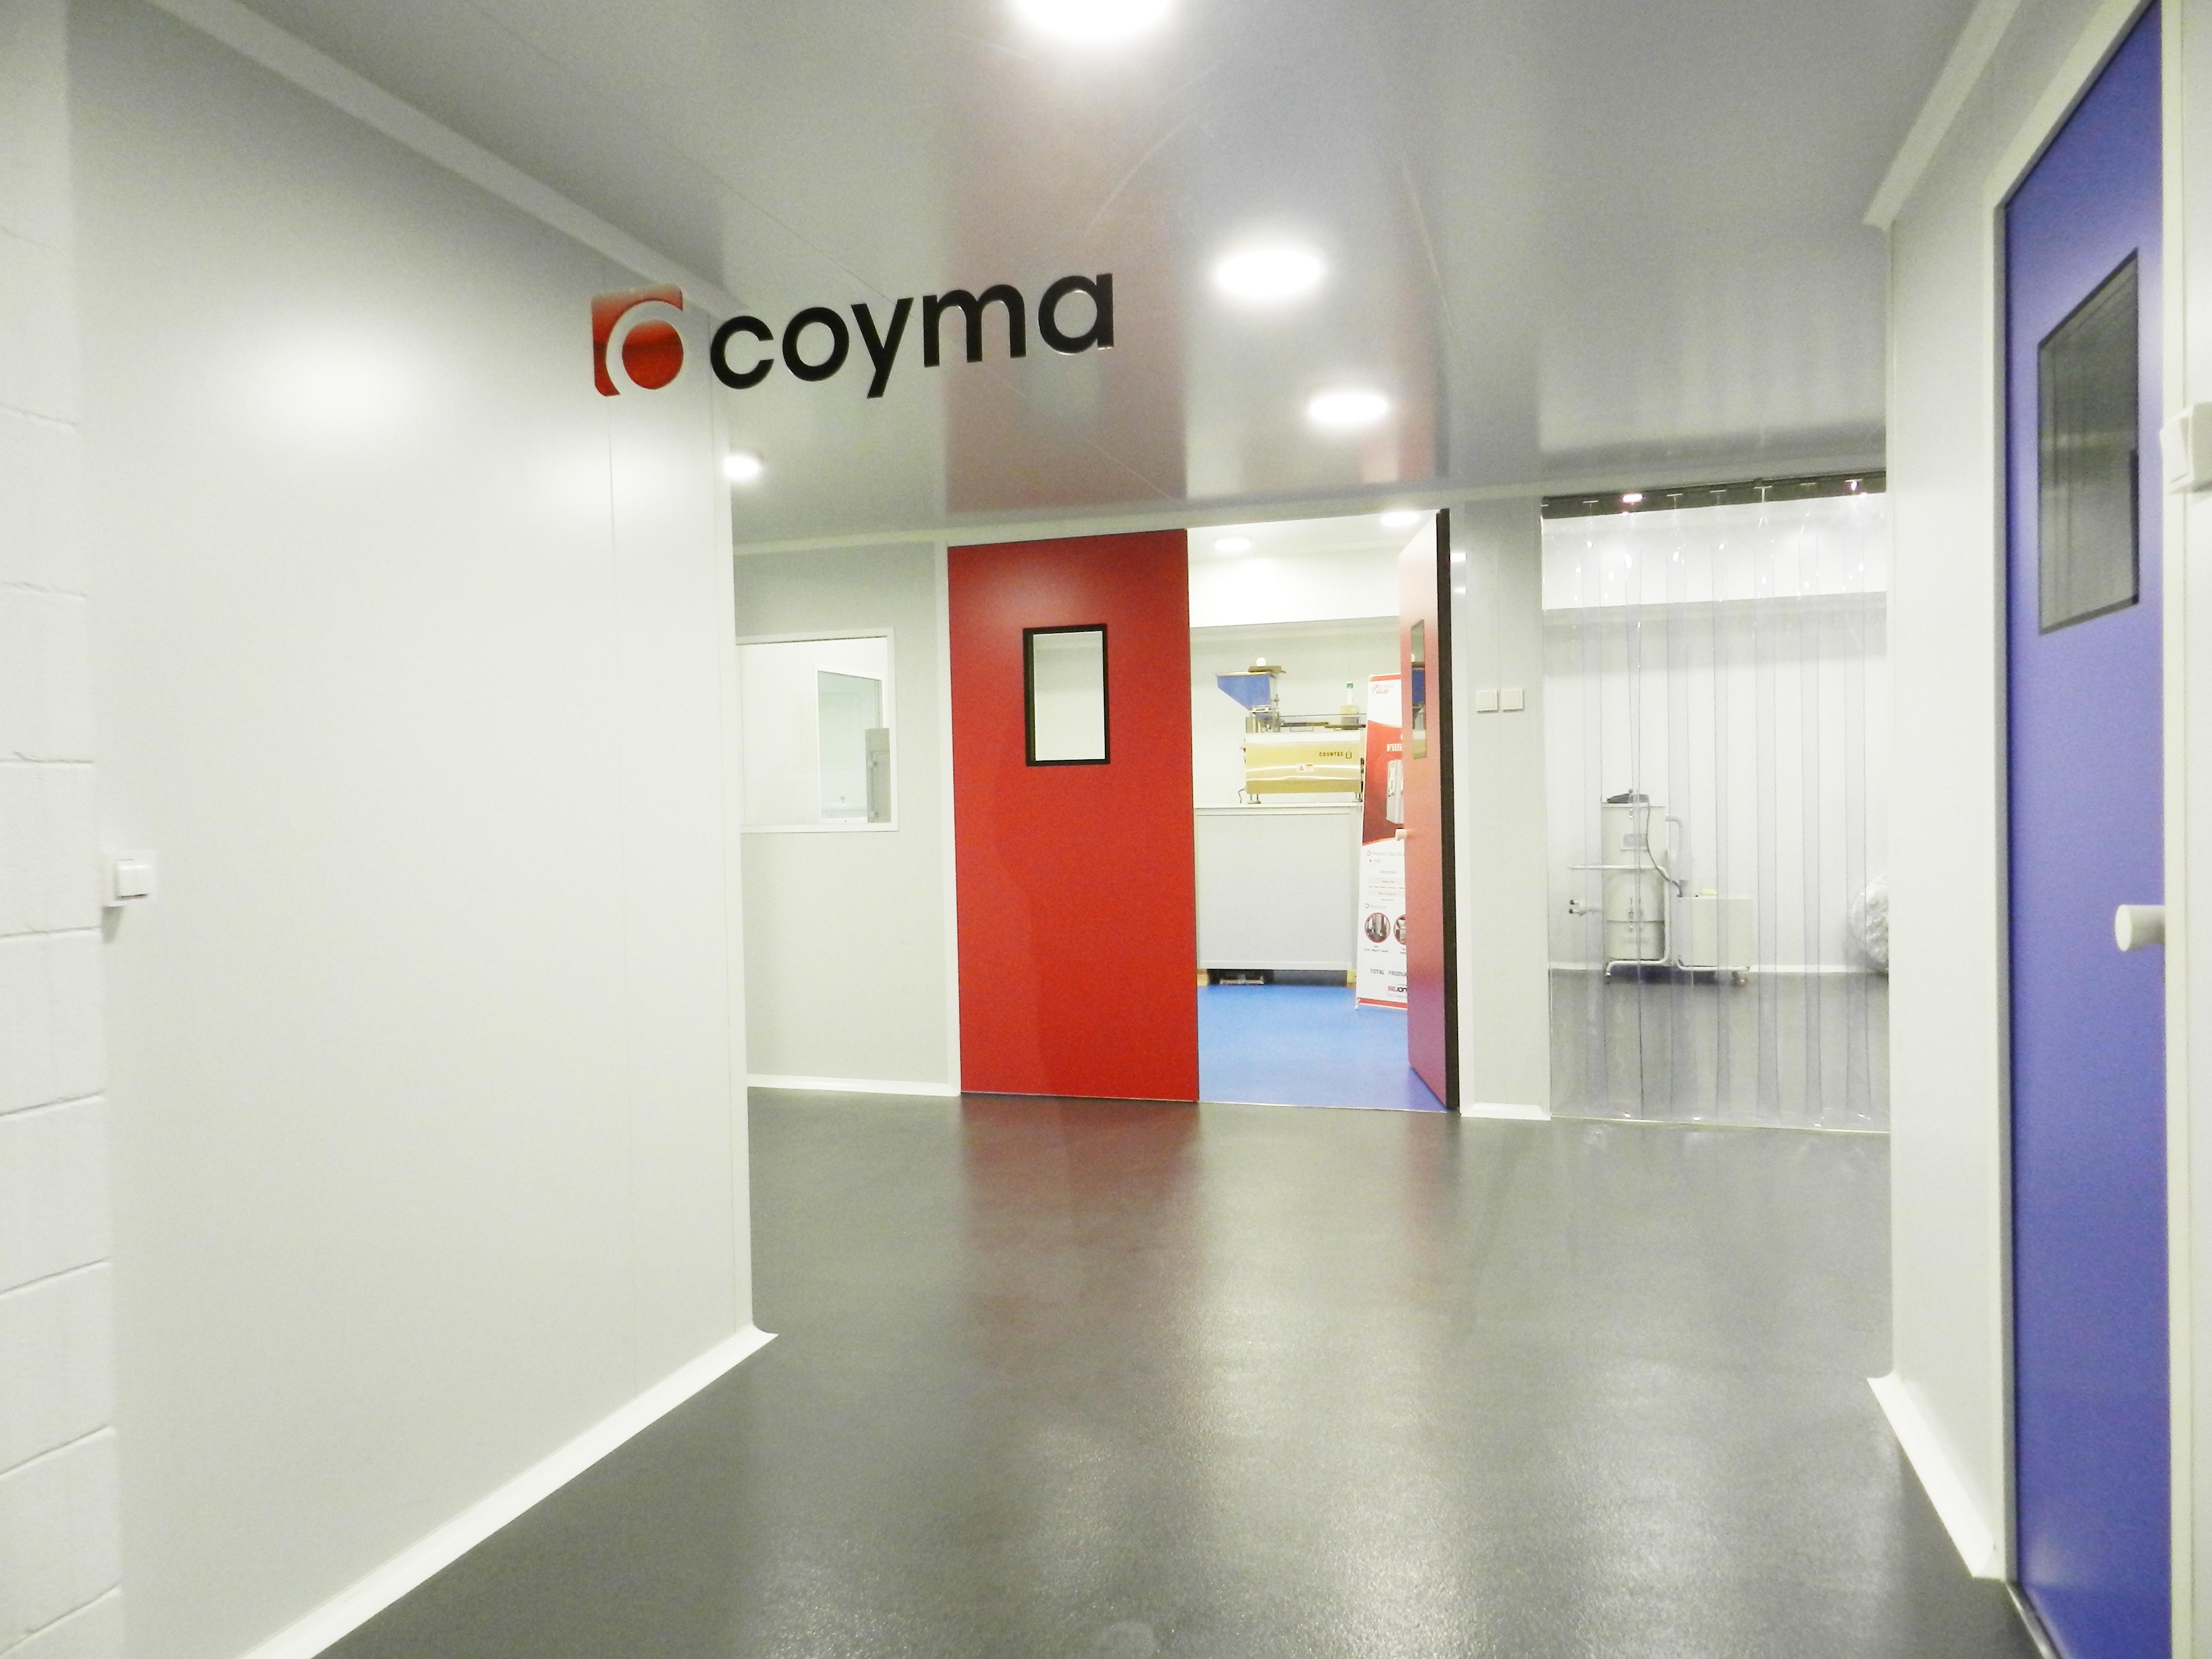 instalaciones , instalaciones coyma, salas blancas coyma, coyma salas blancas